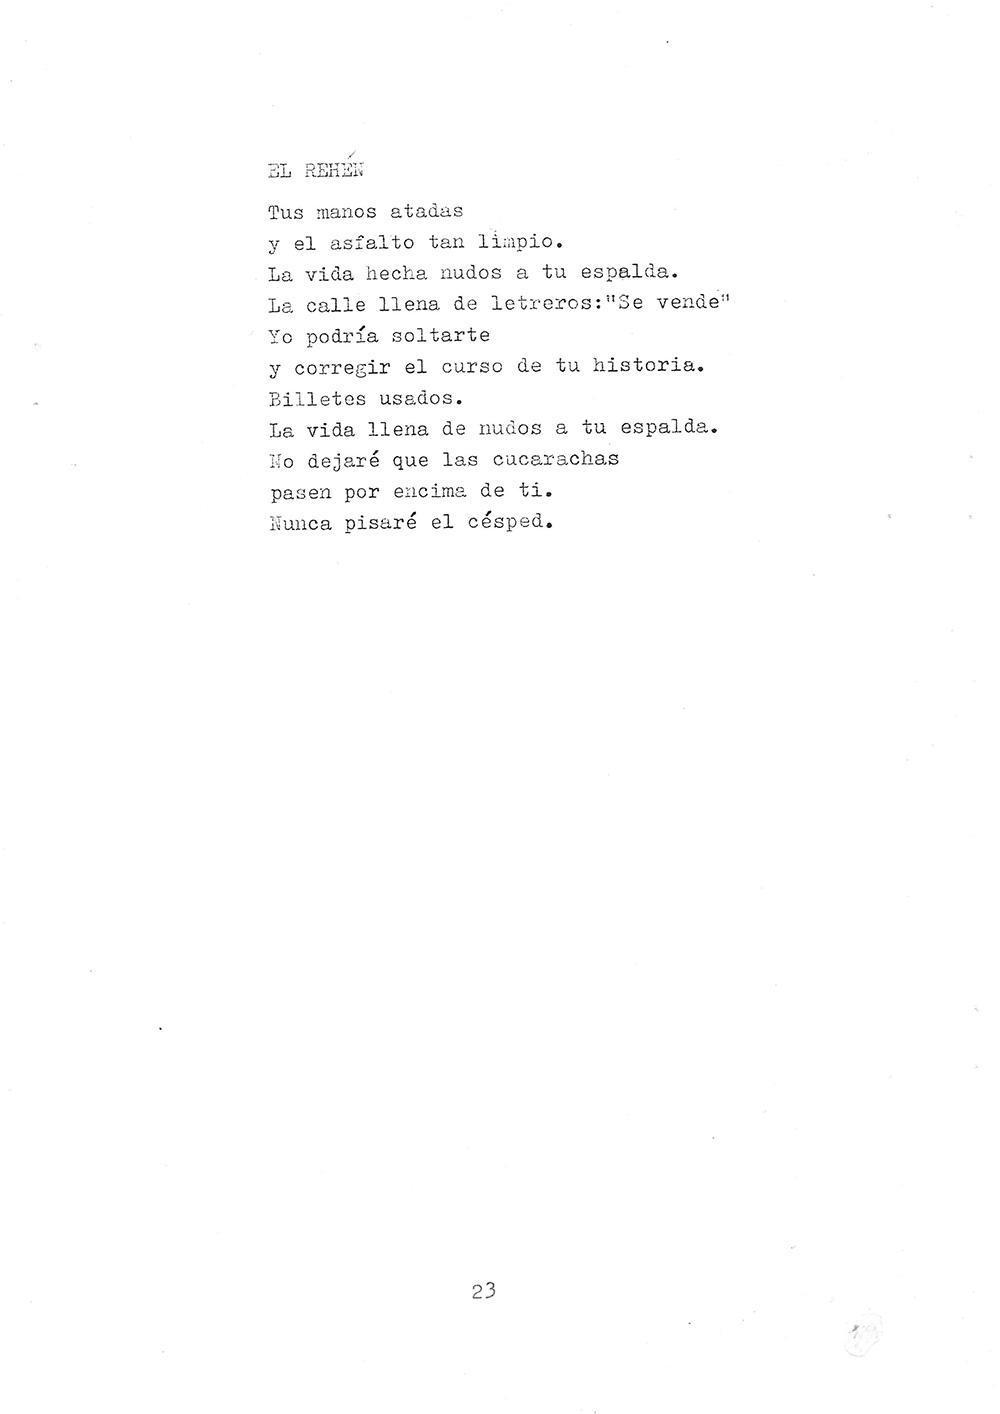 centenarios-11